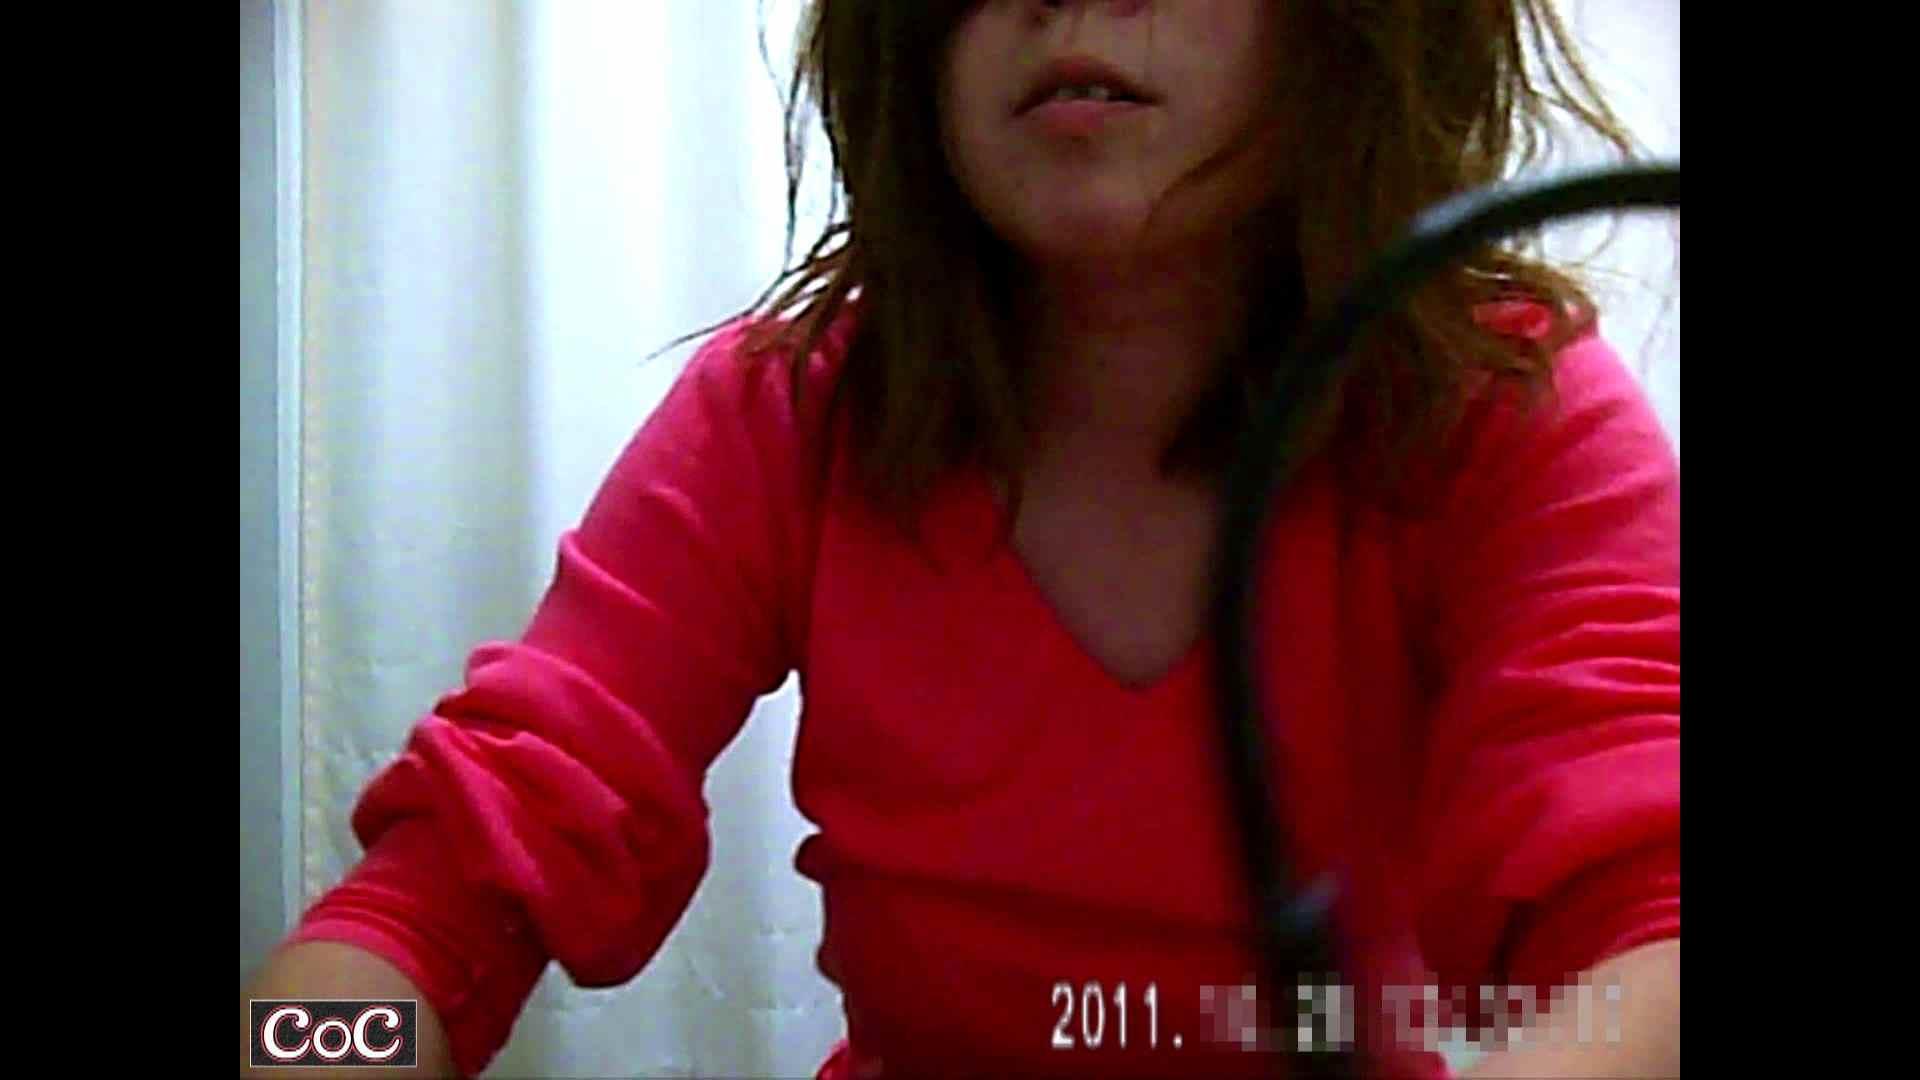 病院おもいっきり着替え! vol.75 貧乳 盗み撮り動画キャプチャ 84pic 34